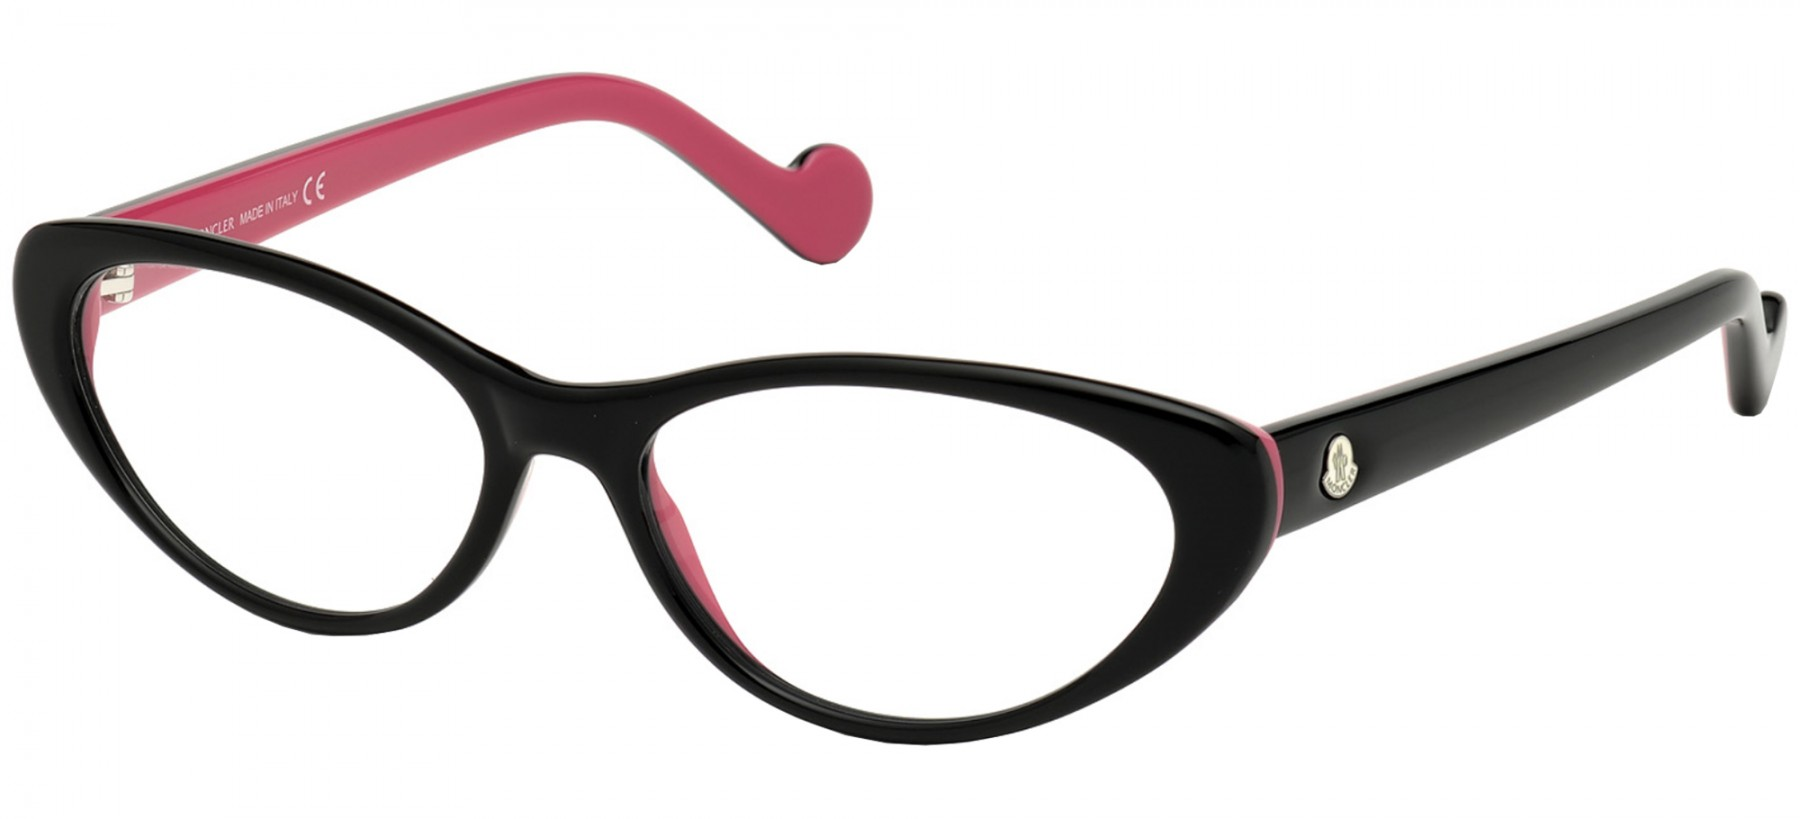 Moncler 5066 001 - Oculos de Grau